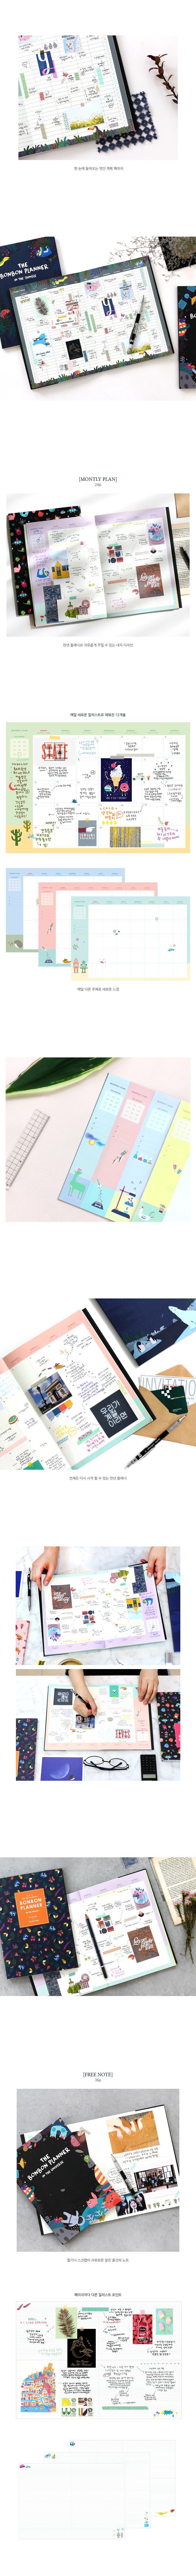 2016 diary diaries [2016 diary, 2016 diaries, diary]